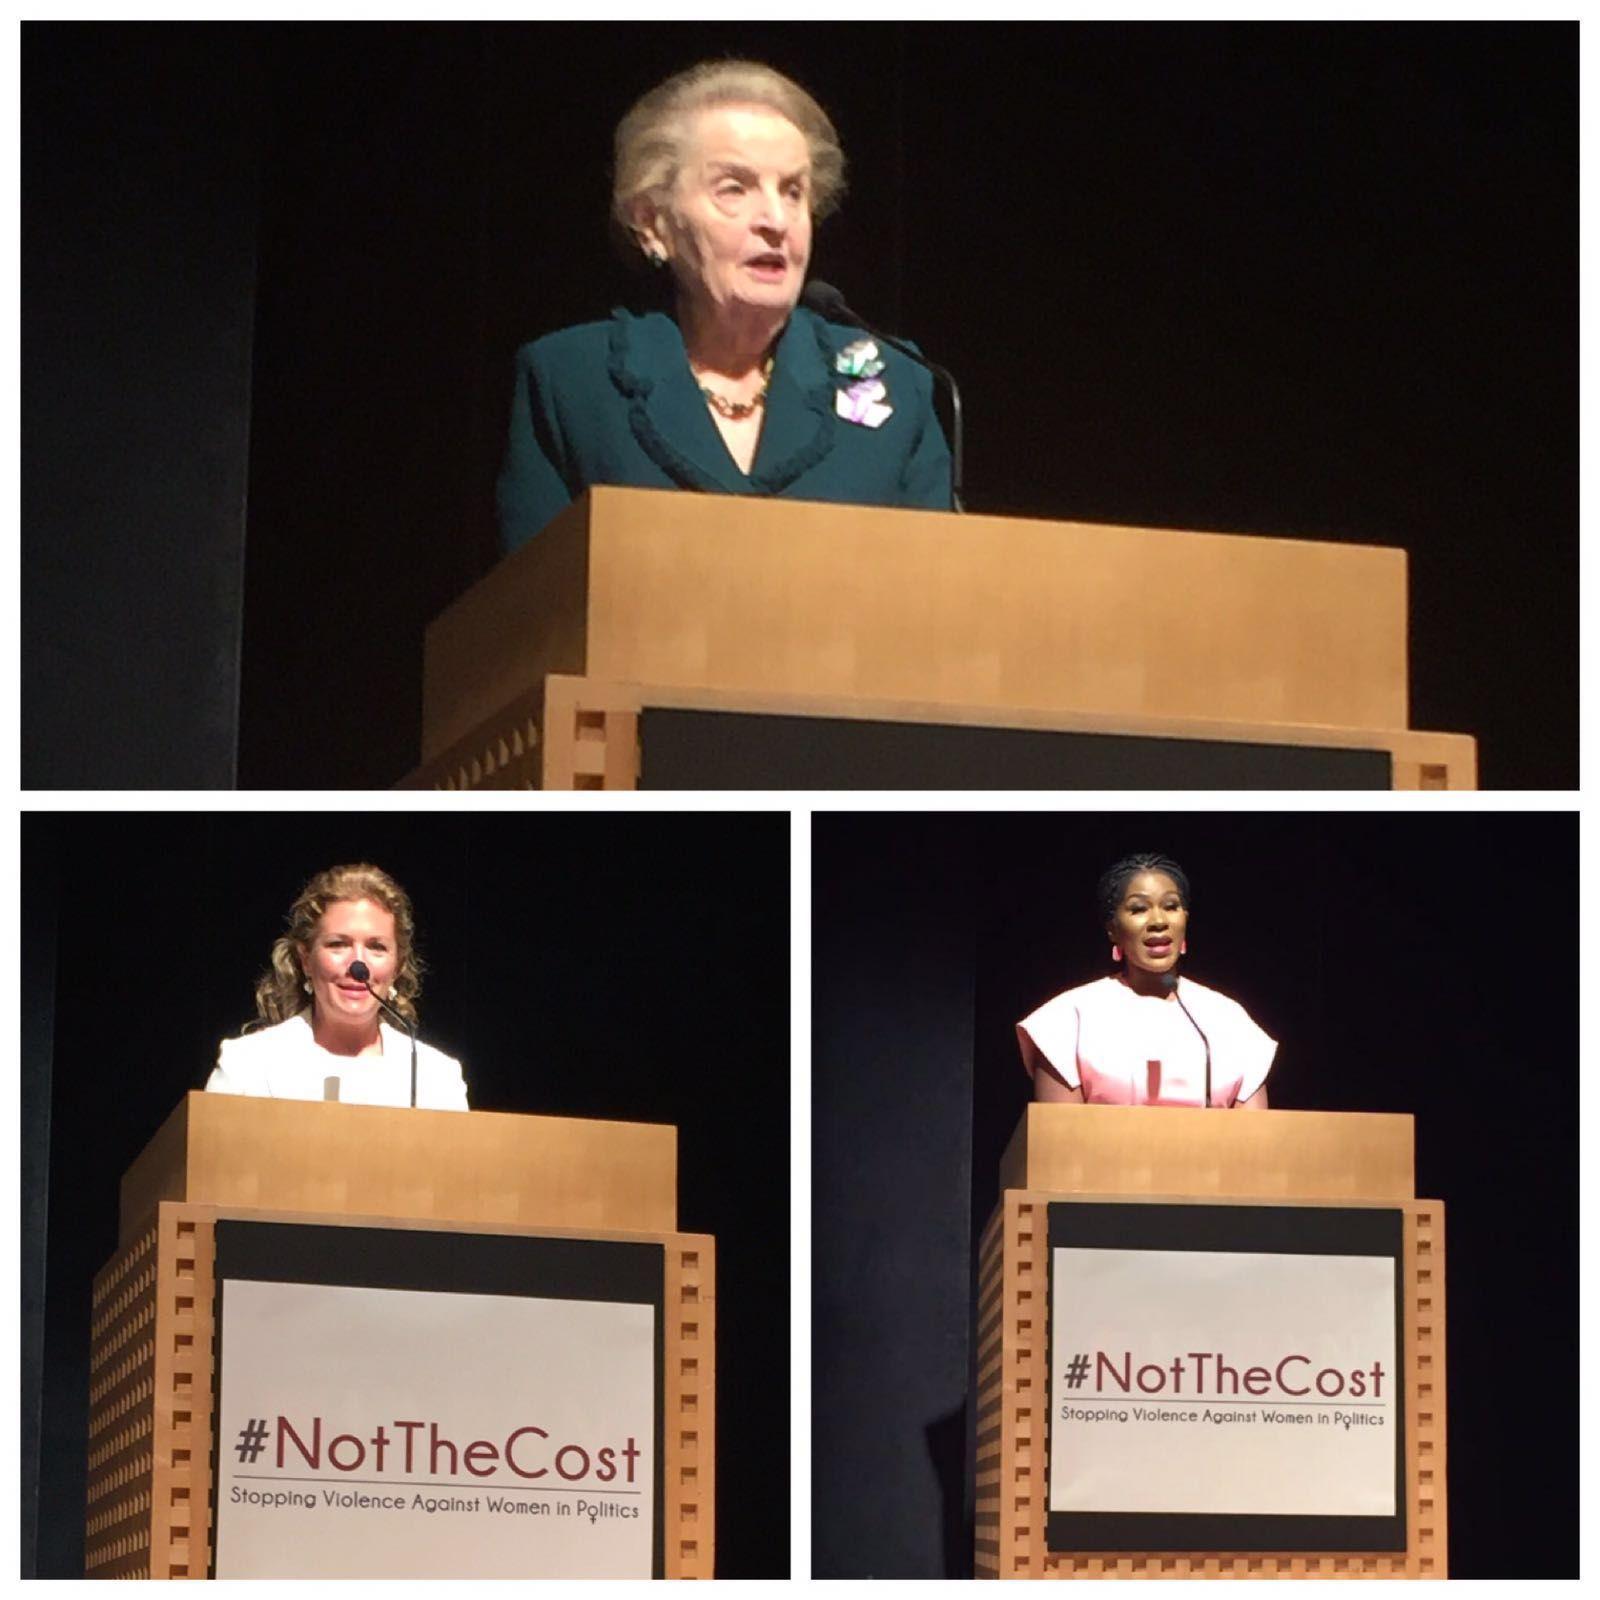 Madeleine K Albright, Sophie Grégoire Trudeau & Stephanie Linus